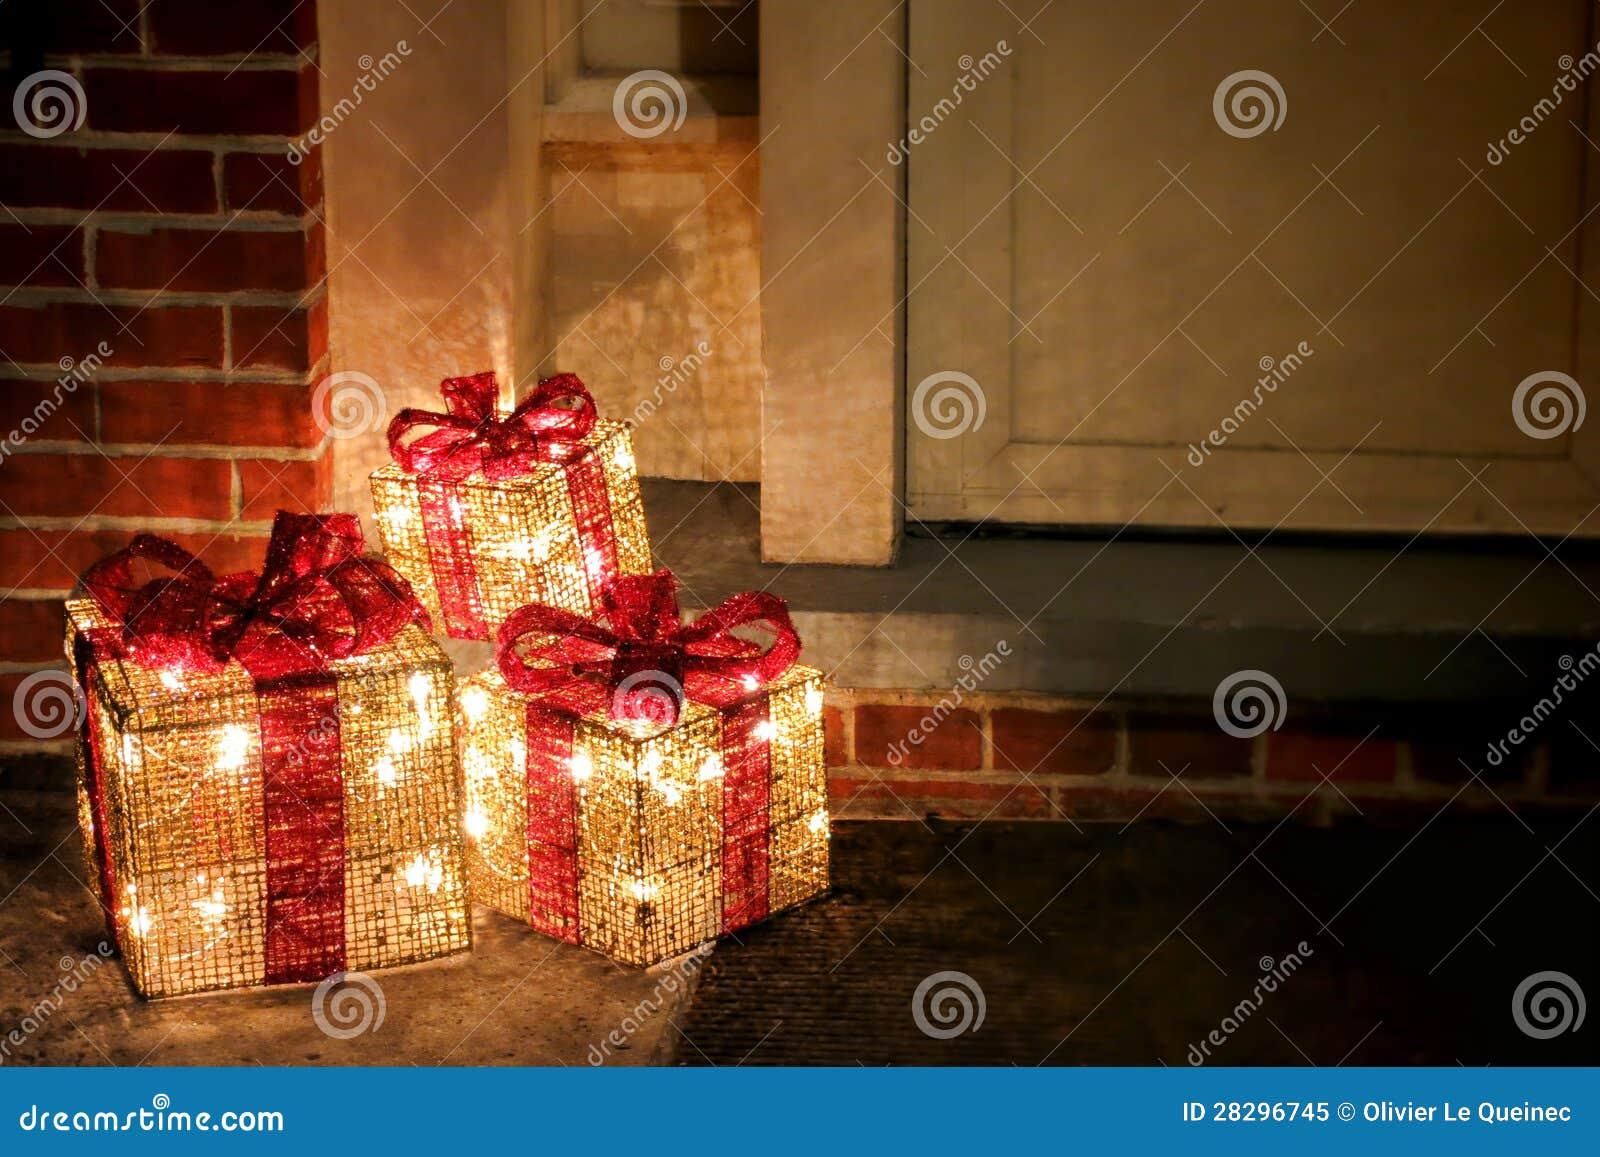 Beleuchtete Verzierte Weihnachtsgeschenk-Kästen An Der Tür Stockbild ...